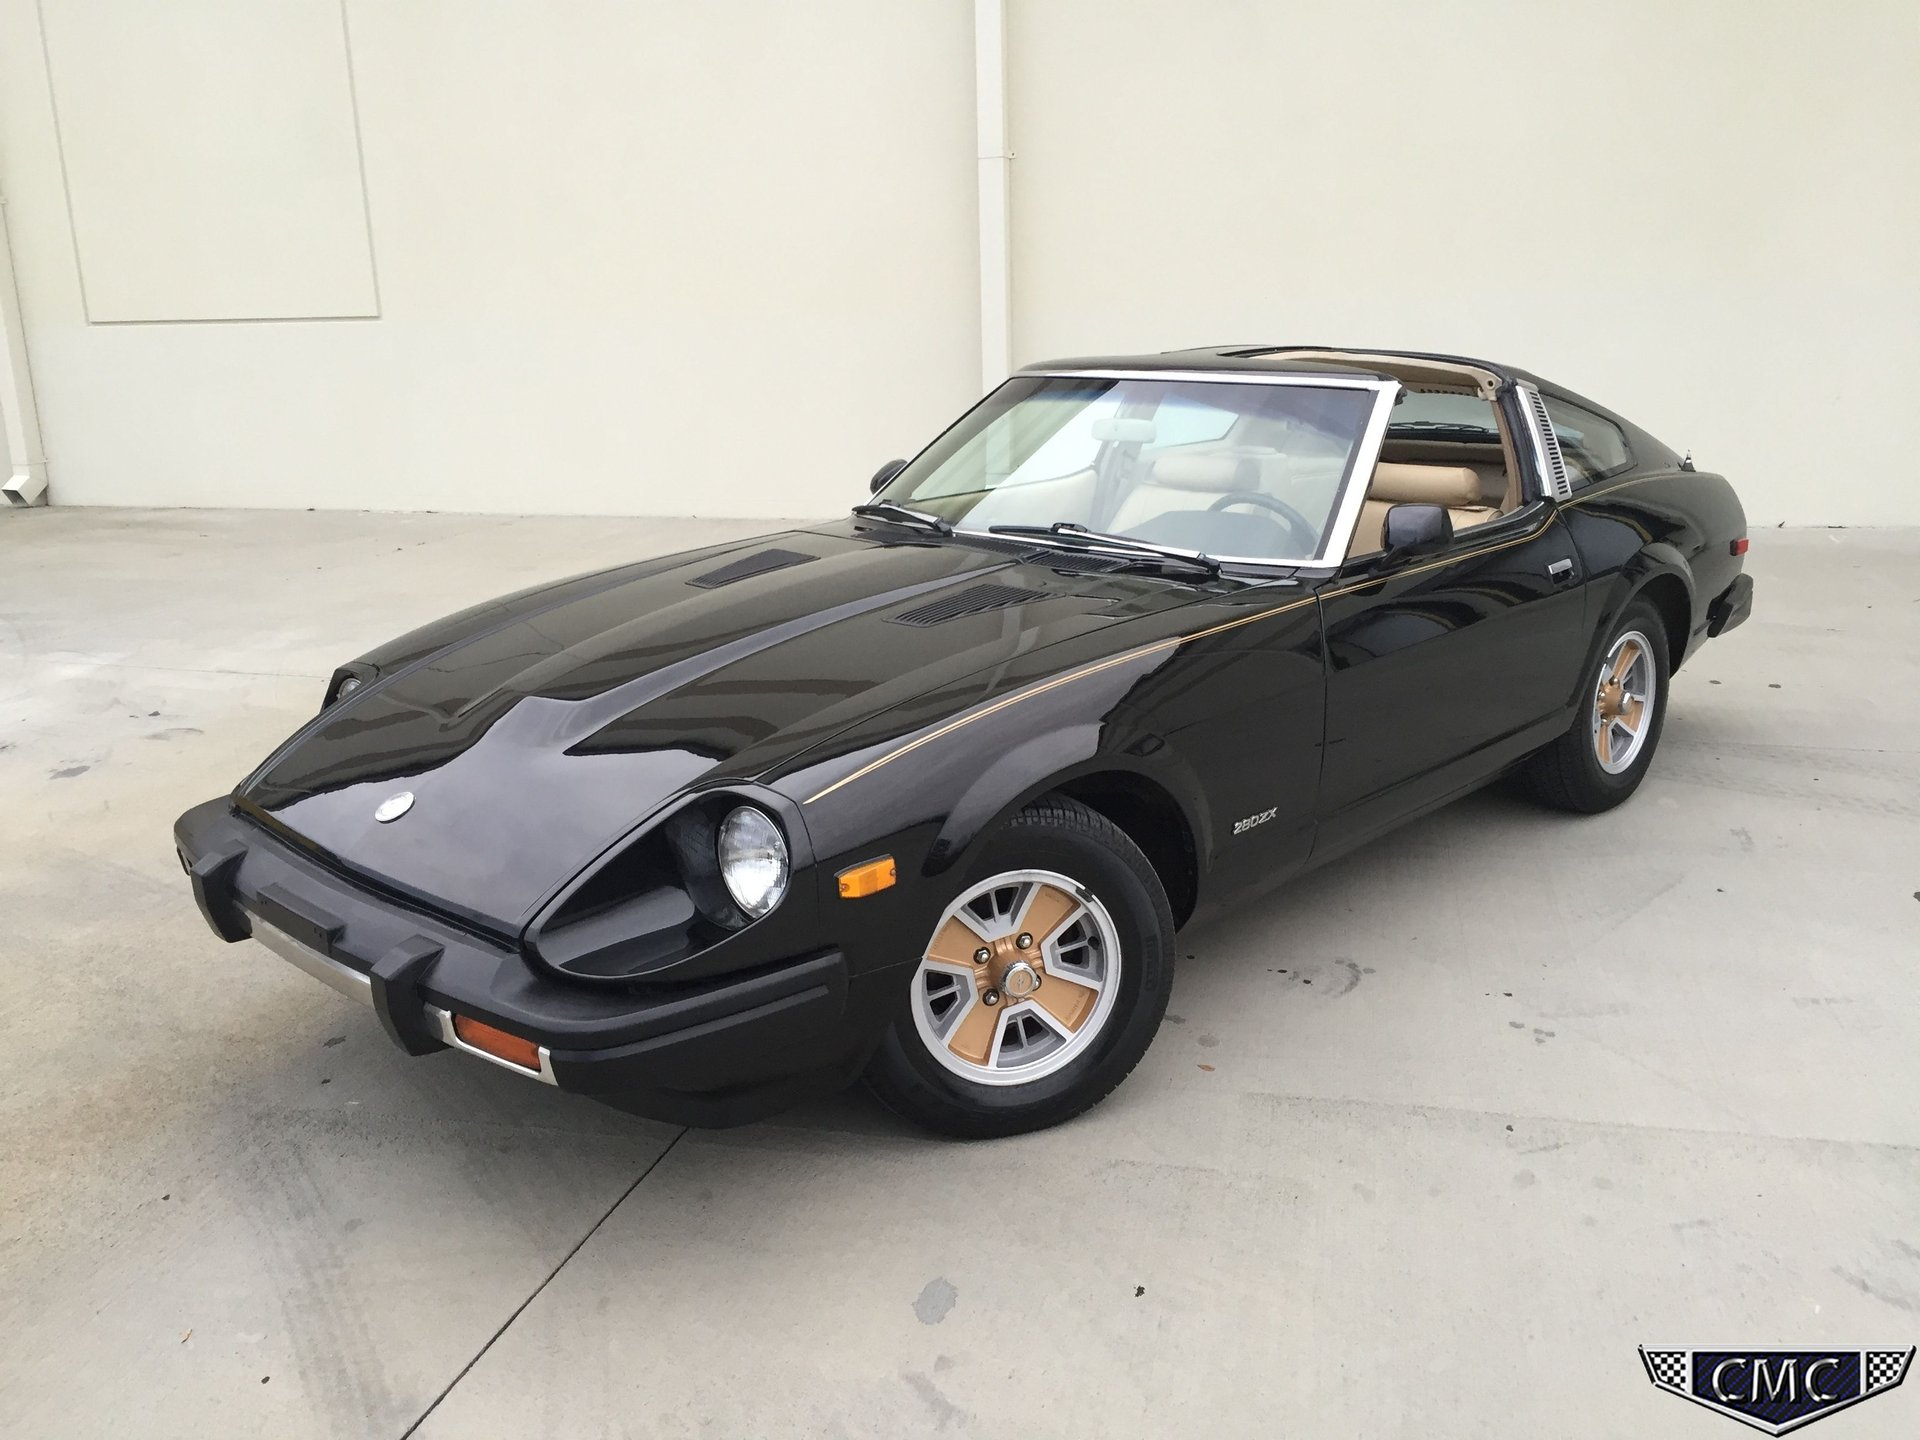 1980 Datsun 280zx Carolina Muscle Cars Inc